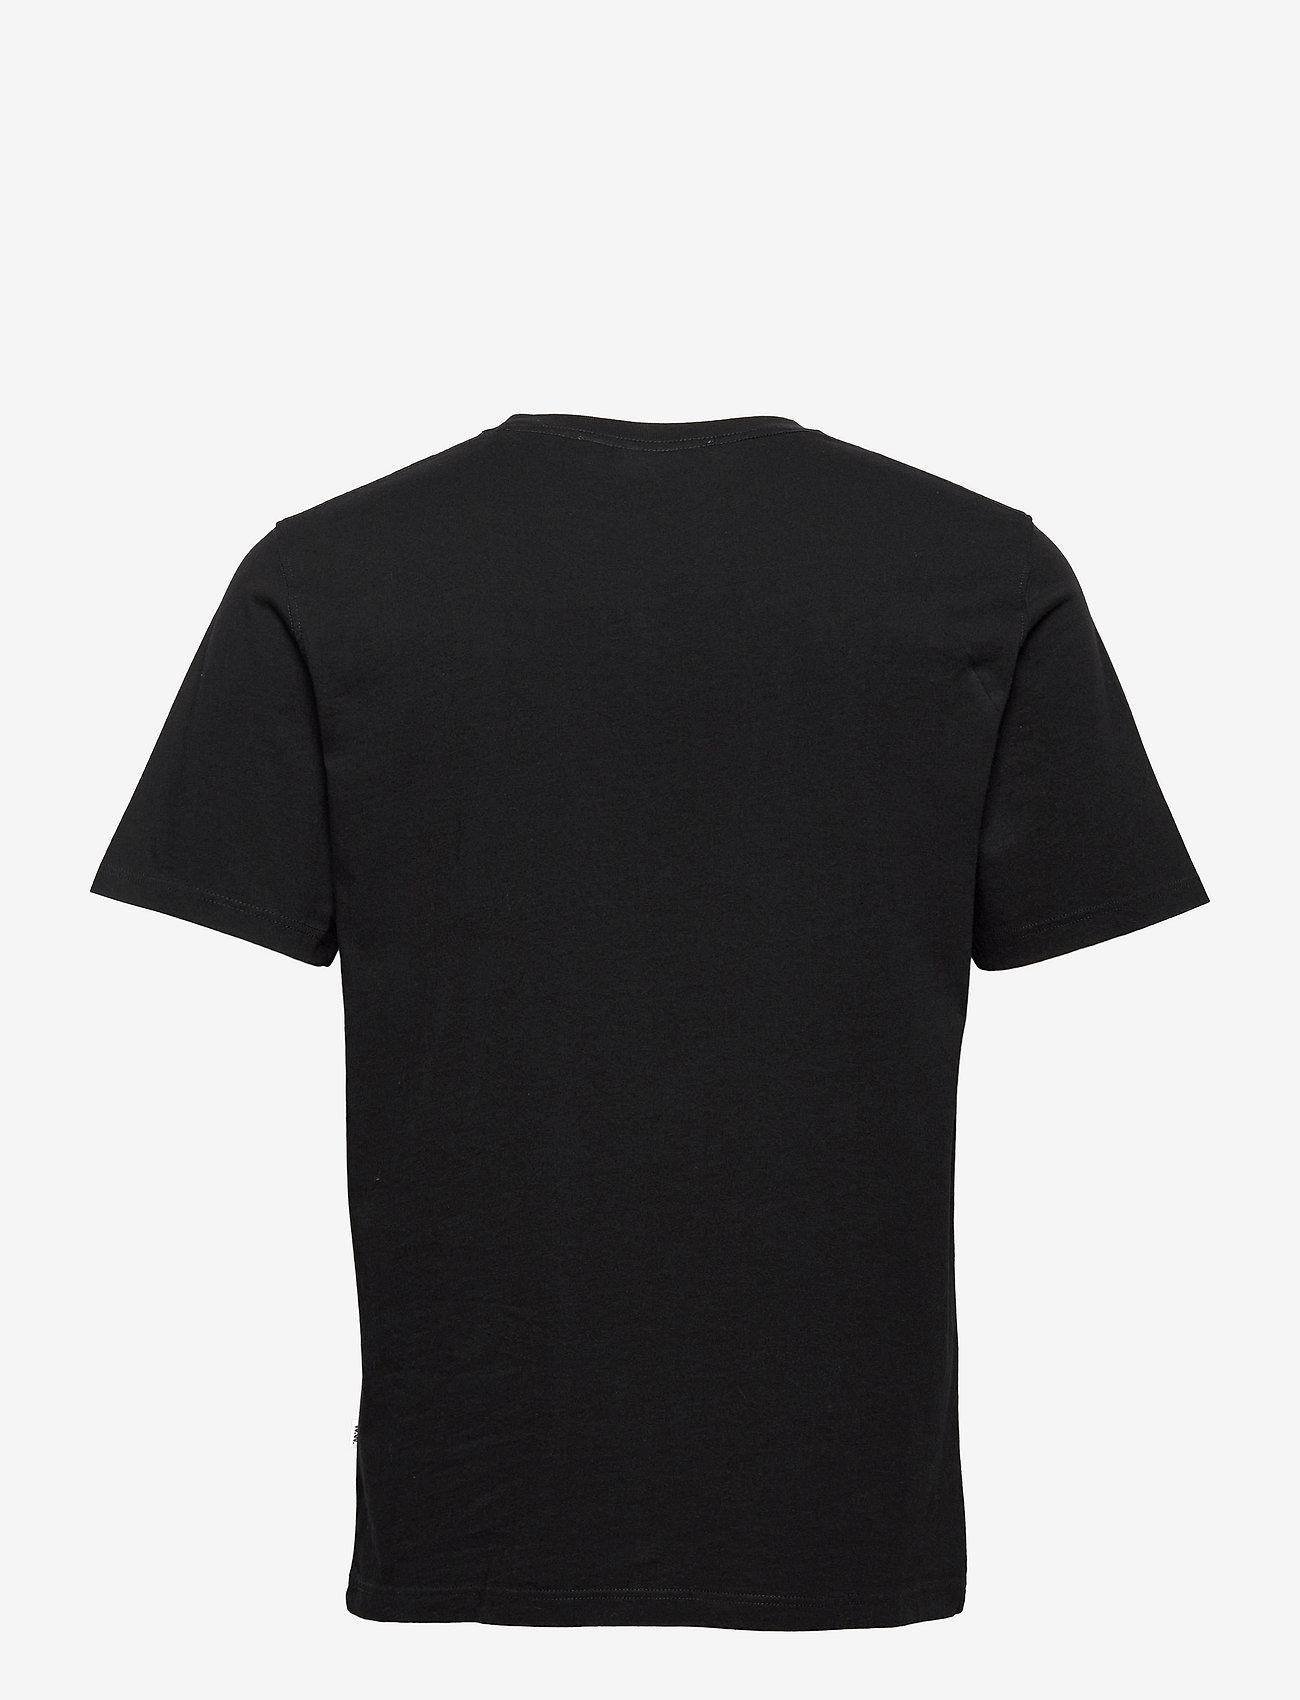 Wood Wood - Sami lightening T-shirt - korte mouwen - black - 1